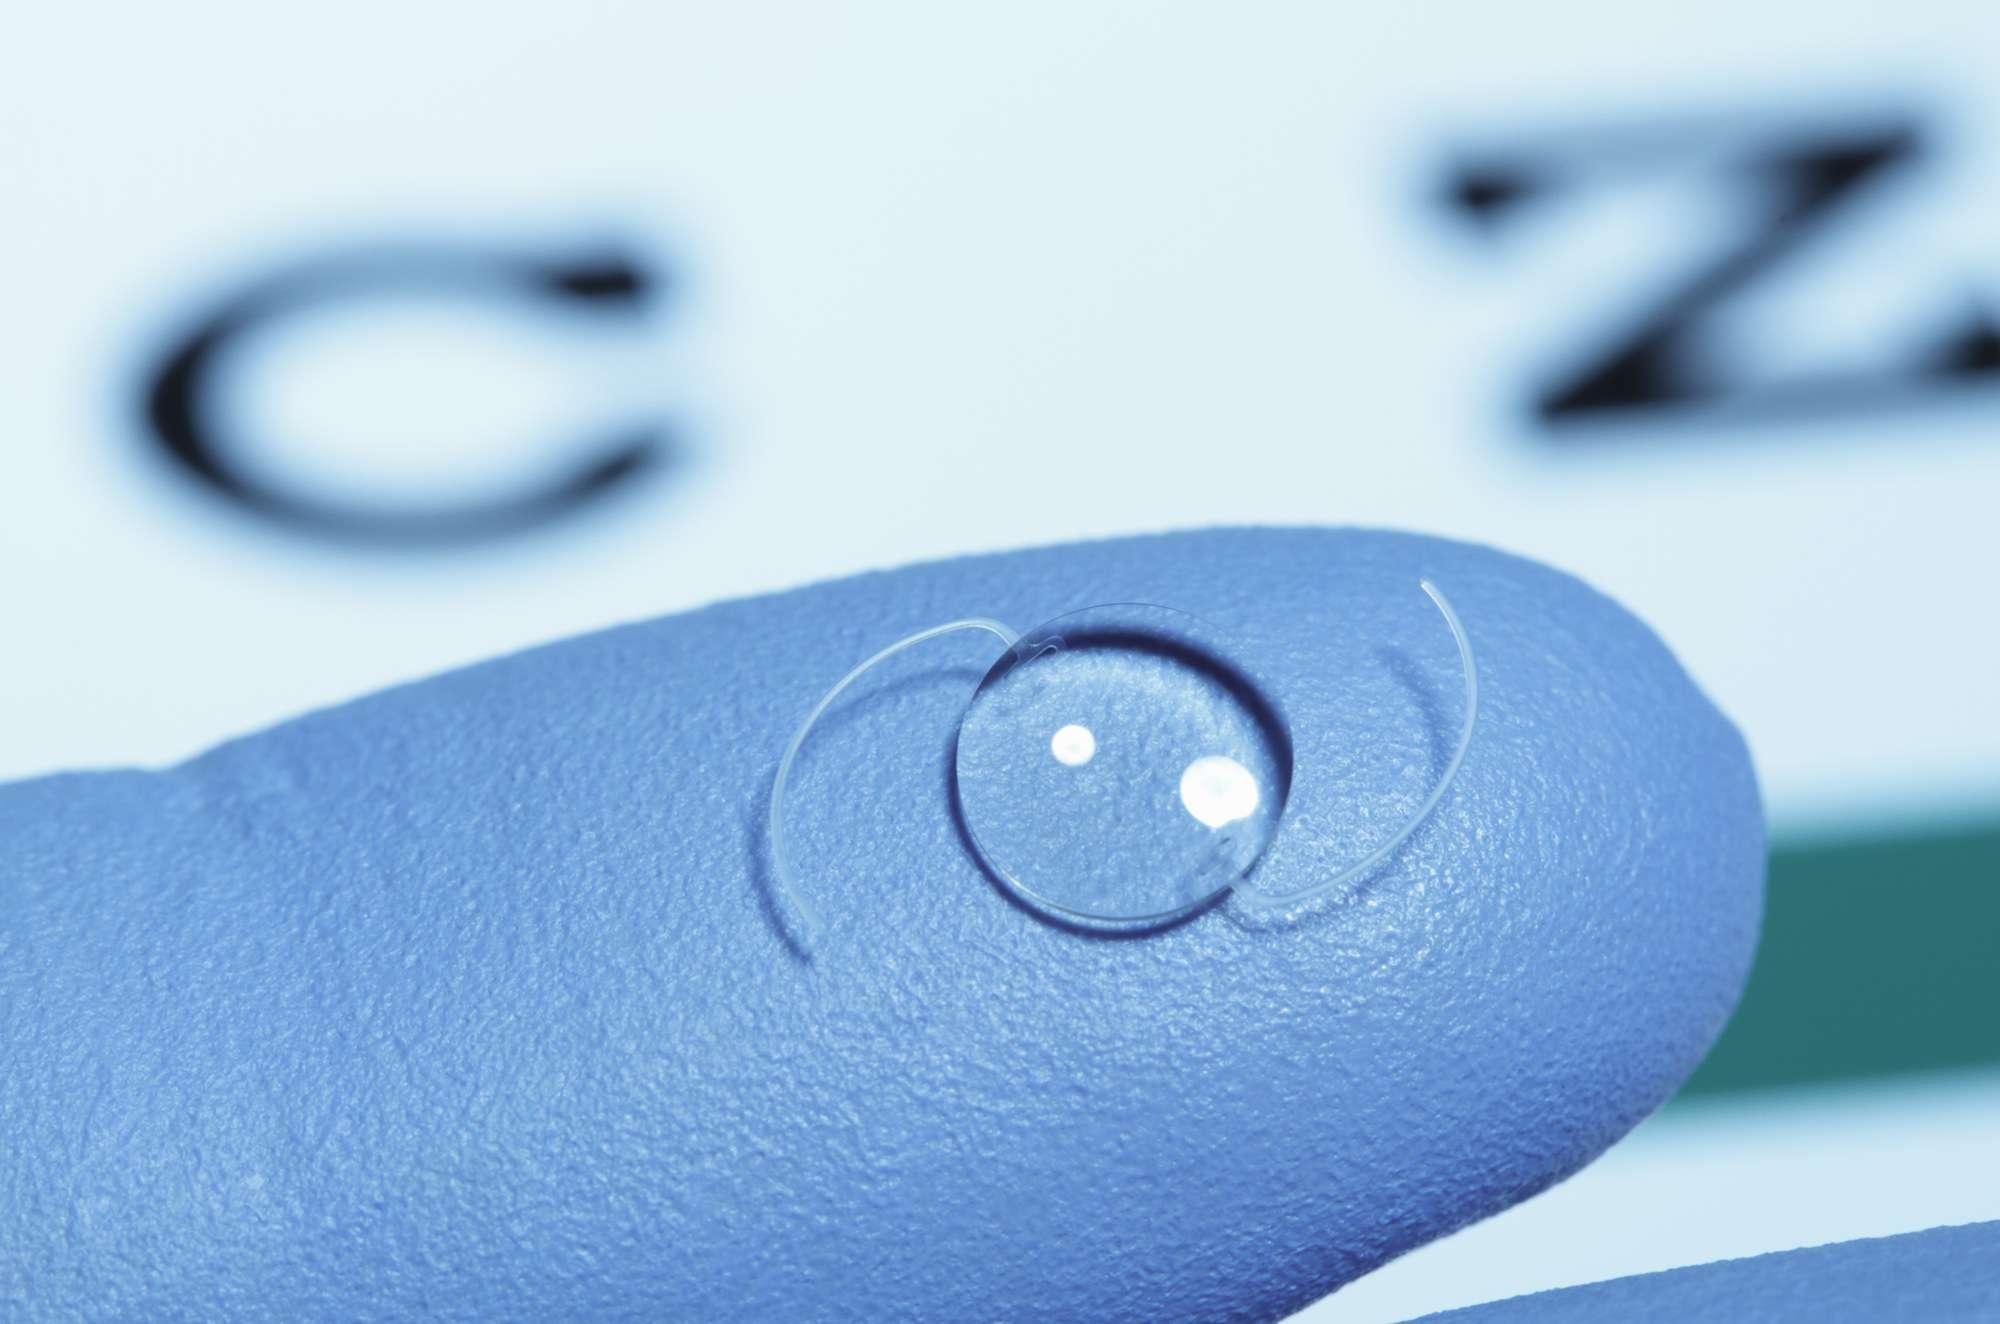 Intraocular lens on gloved finger